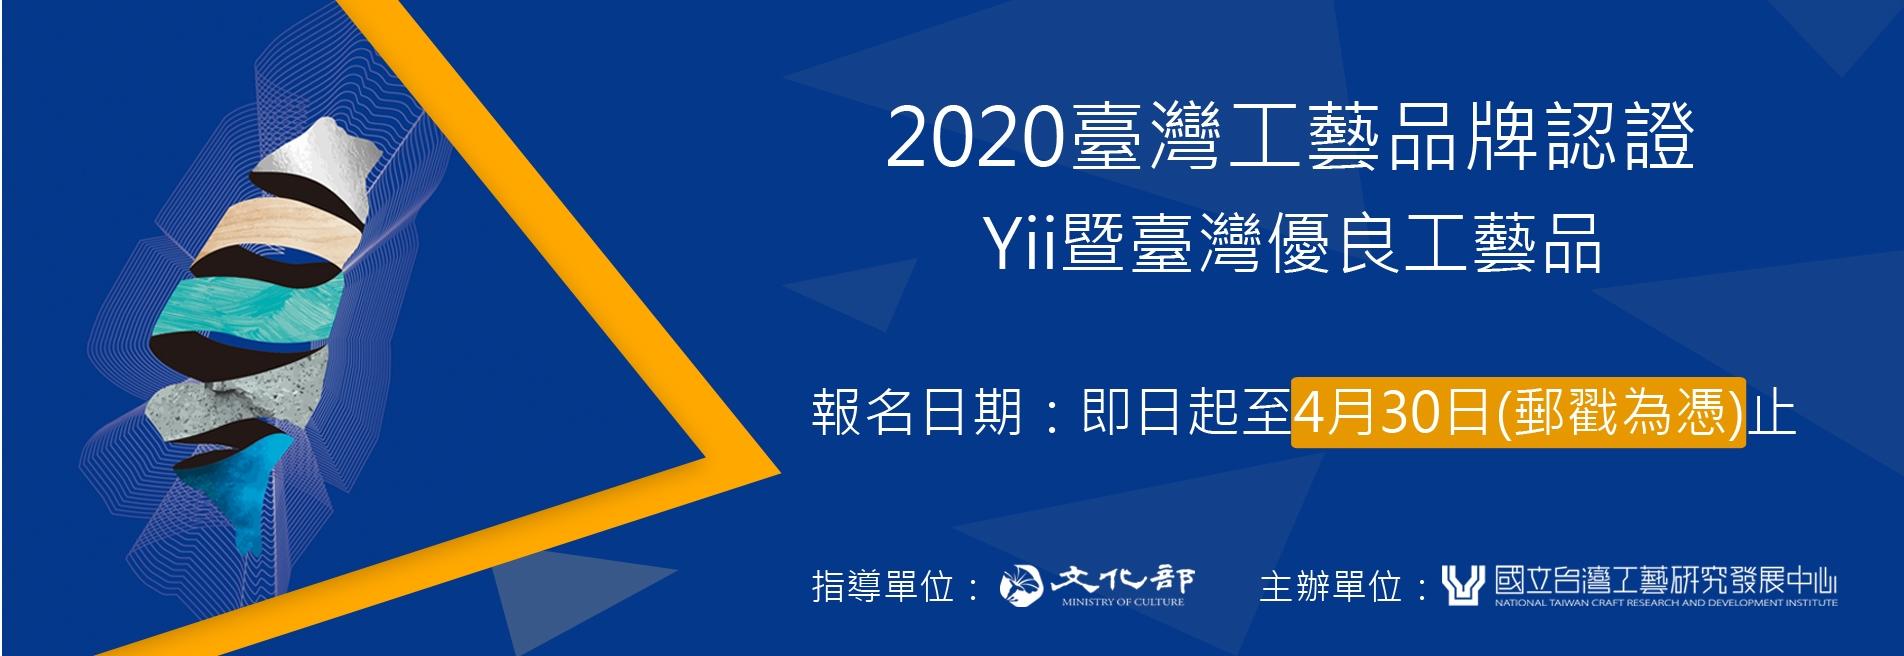 「2020臺灣工藝品牌認證-Yii暨臺灣優良工藝品年度評鑑」徵選「另開新視窗」